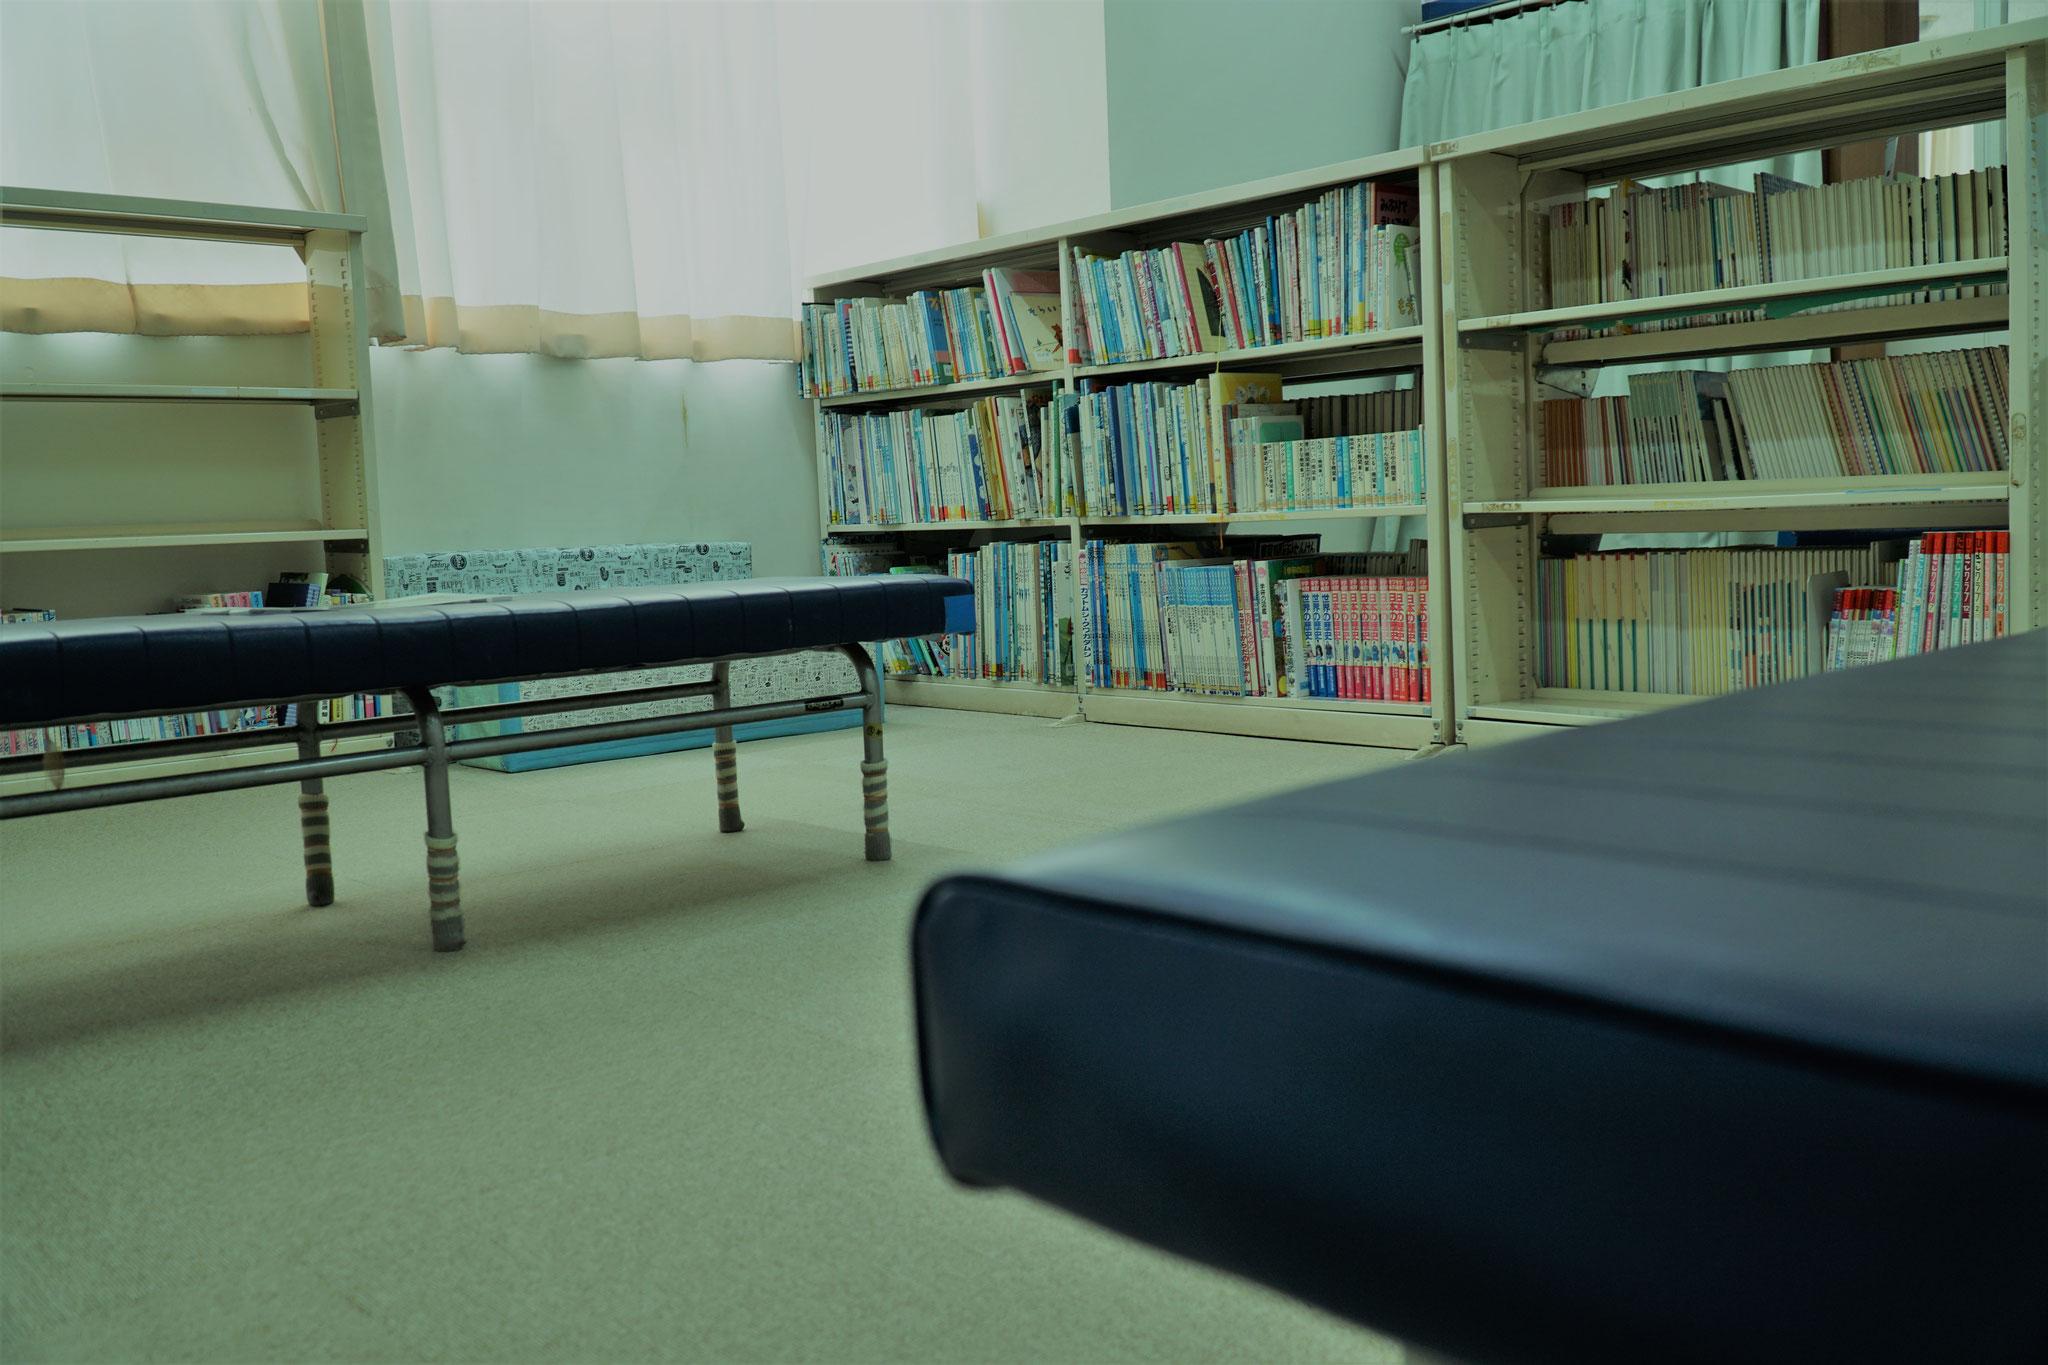 図書室全体